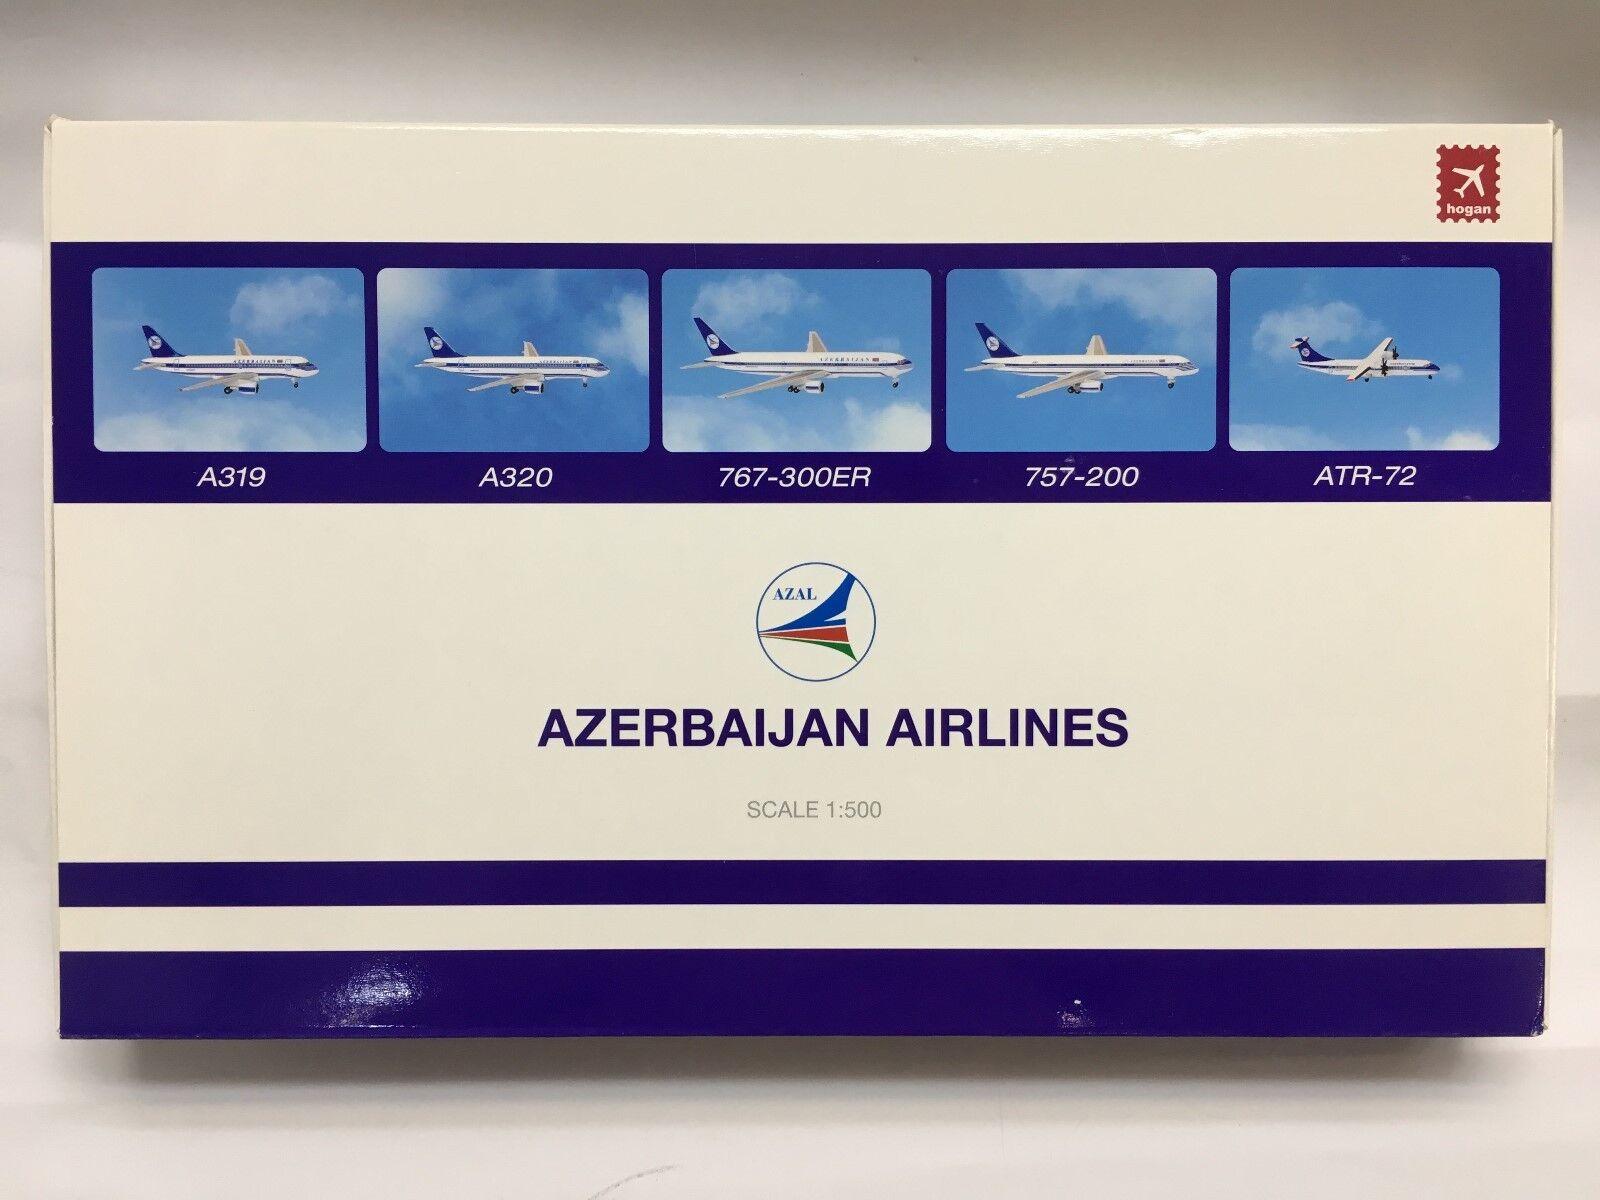 precio mas barato Hogan Wings 9802, Azerbaiyán Airlines 5in1  ATR-72, A319, A319, A319, A320, 757-200, 767-300  venta al por mayor barato